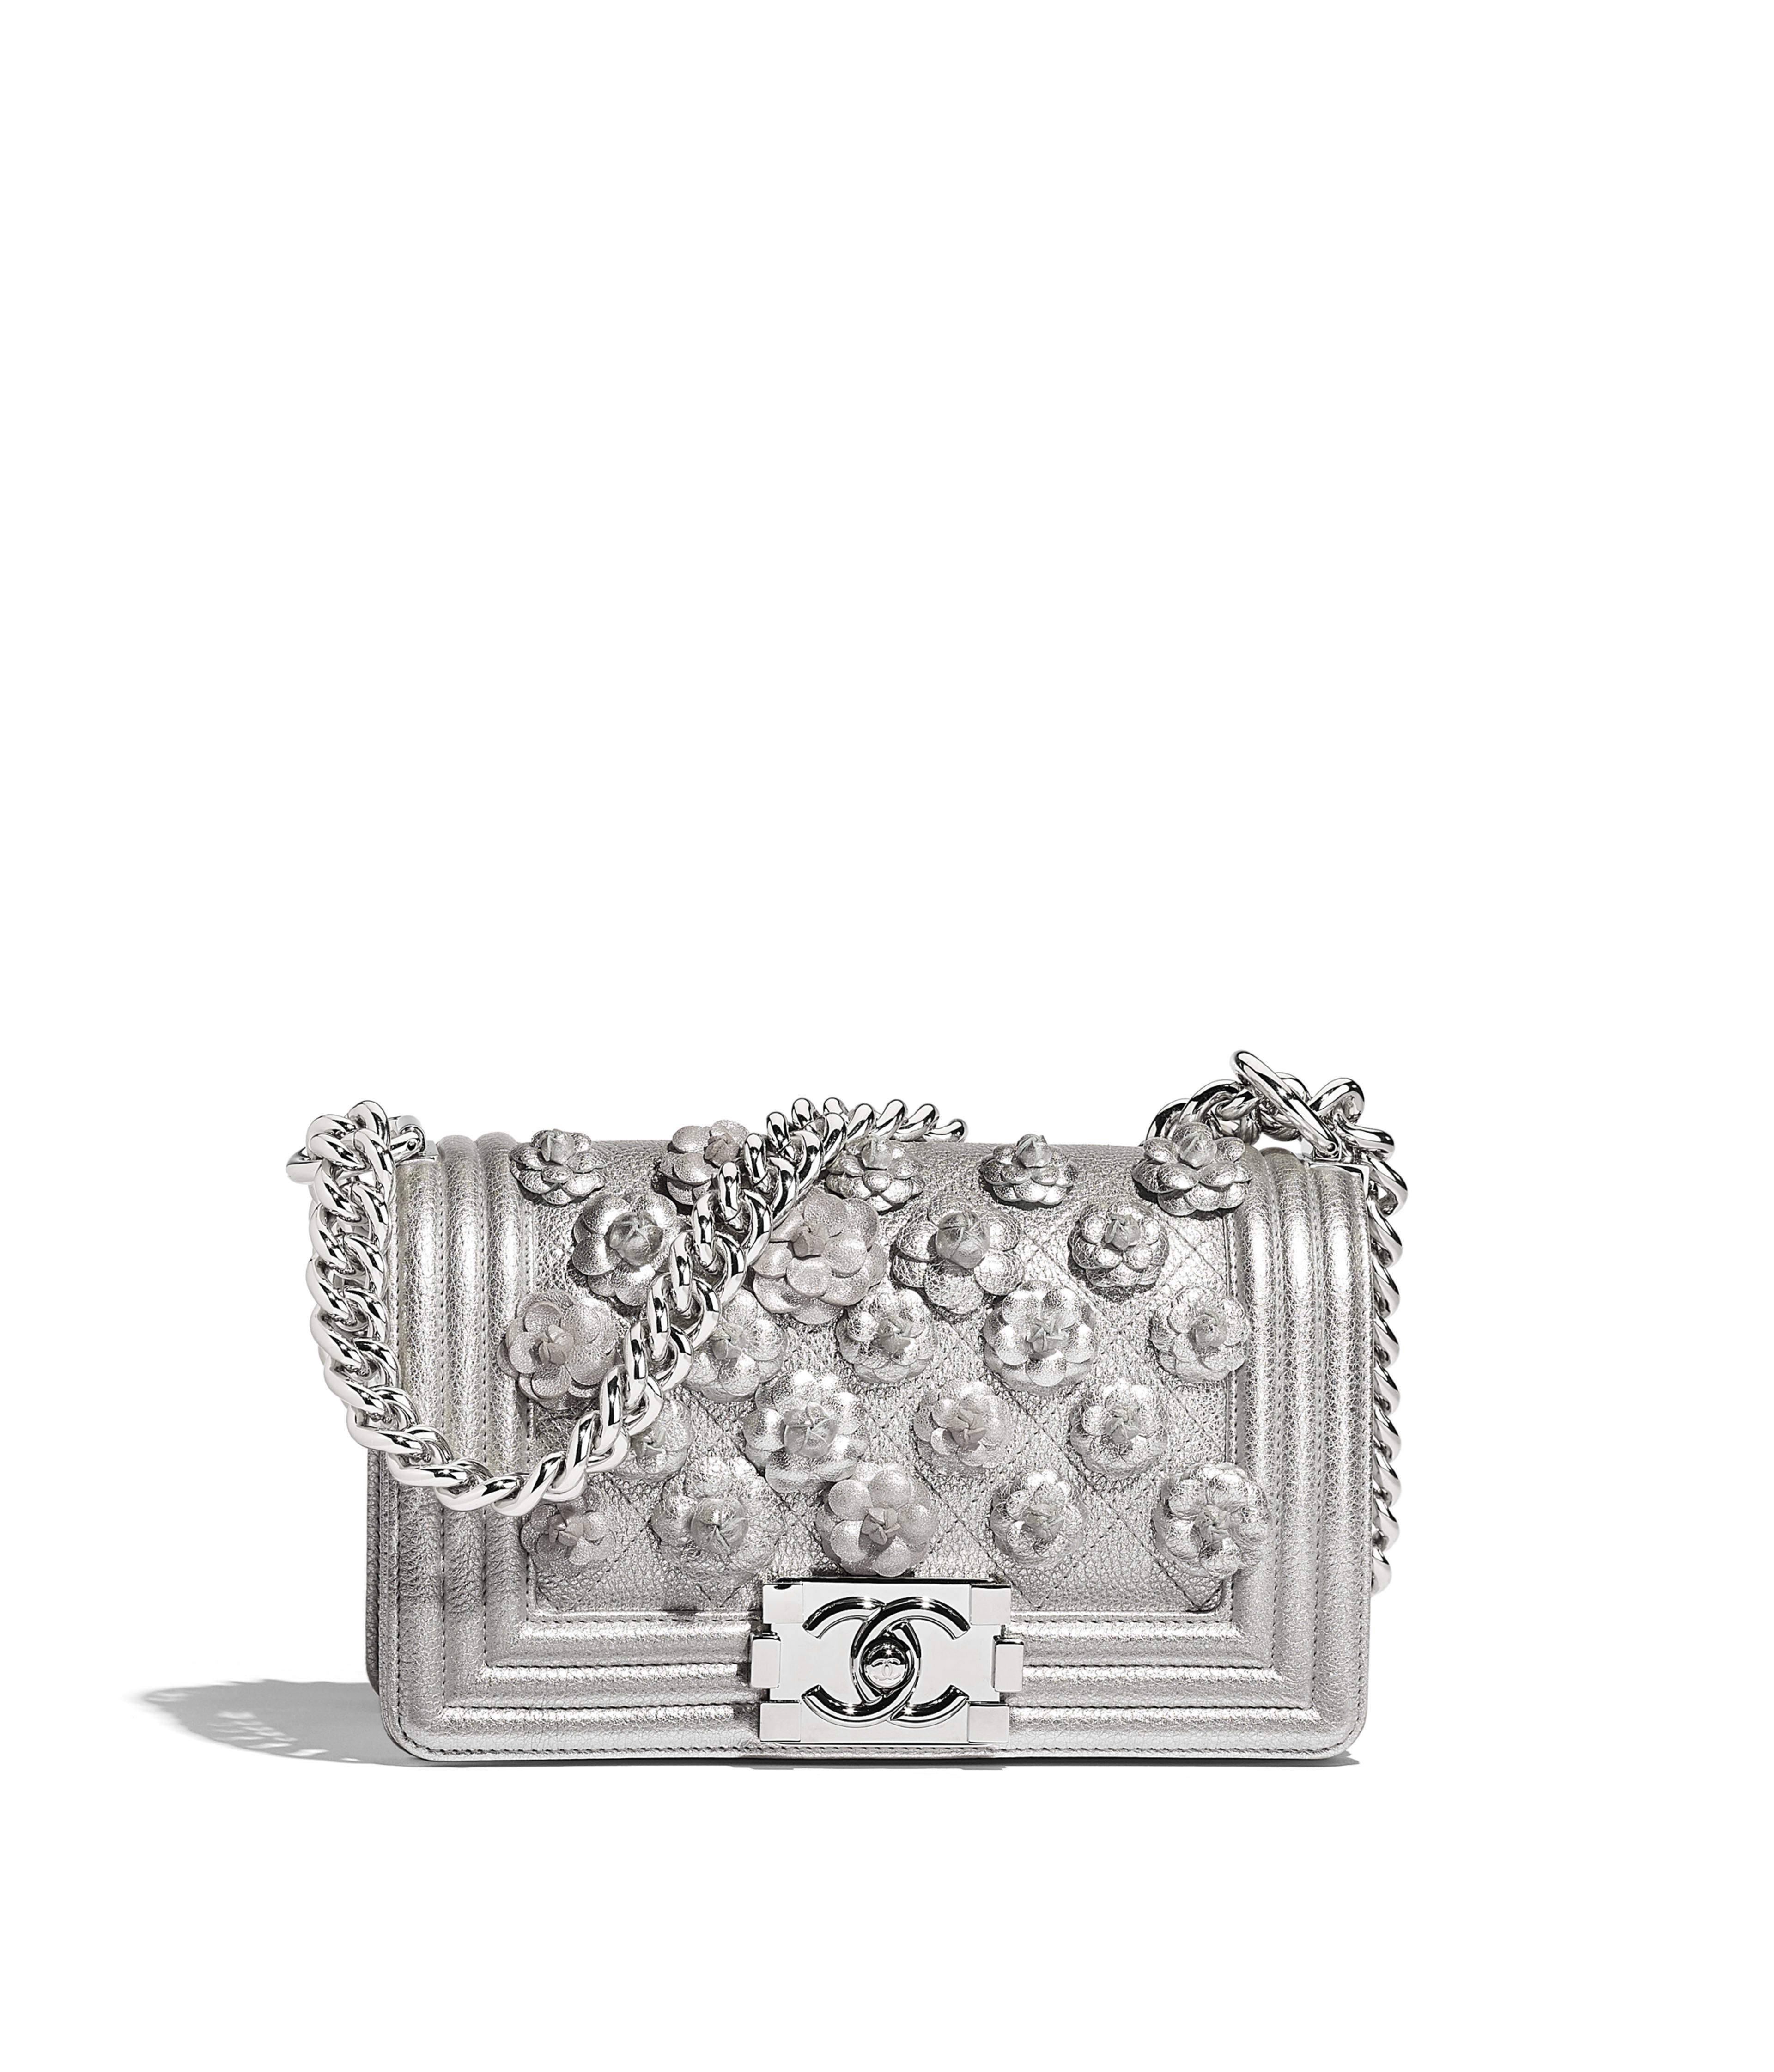 e2e39df55f9f Small BOY CHANEL Handbag Embroidered Metallic Grained Calfskin &  Silver-Tone Metal, Silver Ref. A67085B0012545002